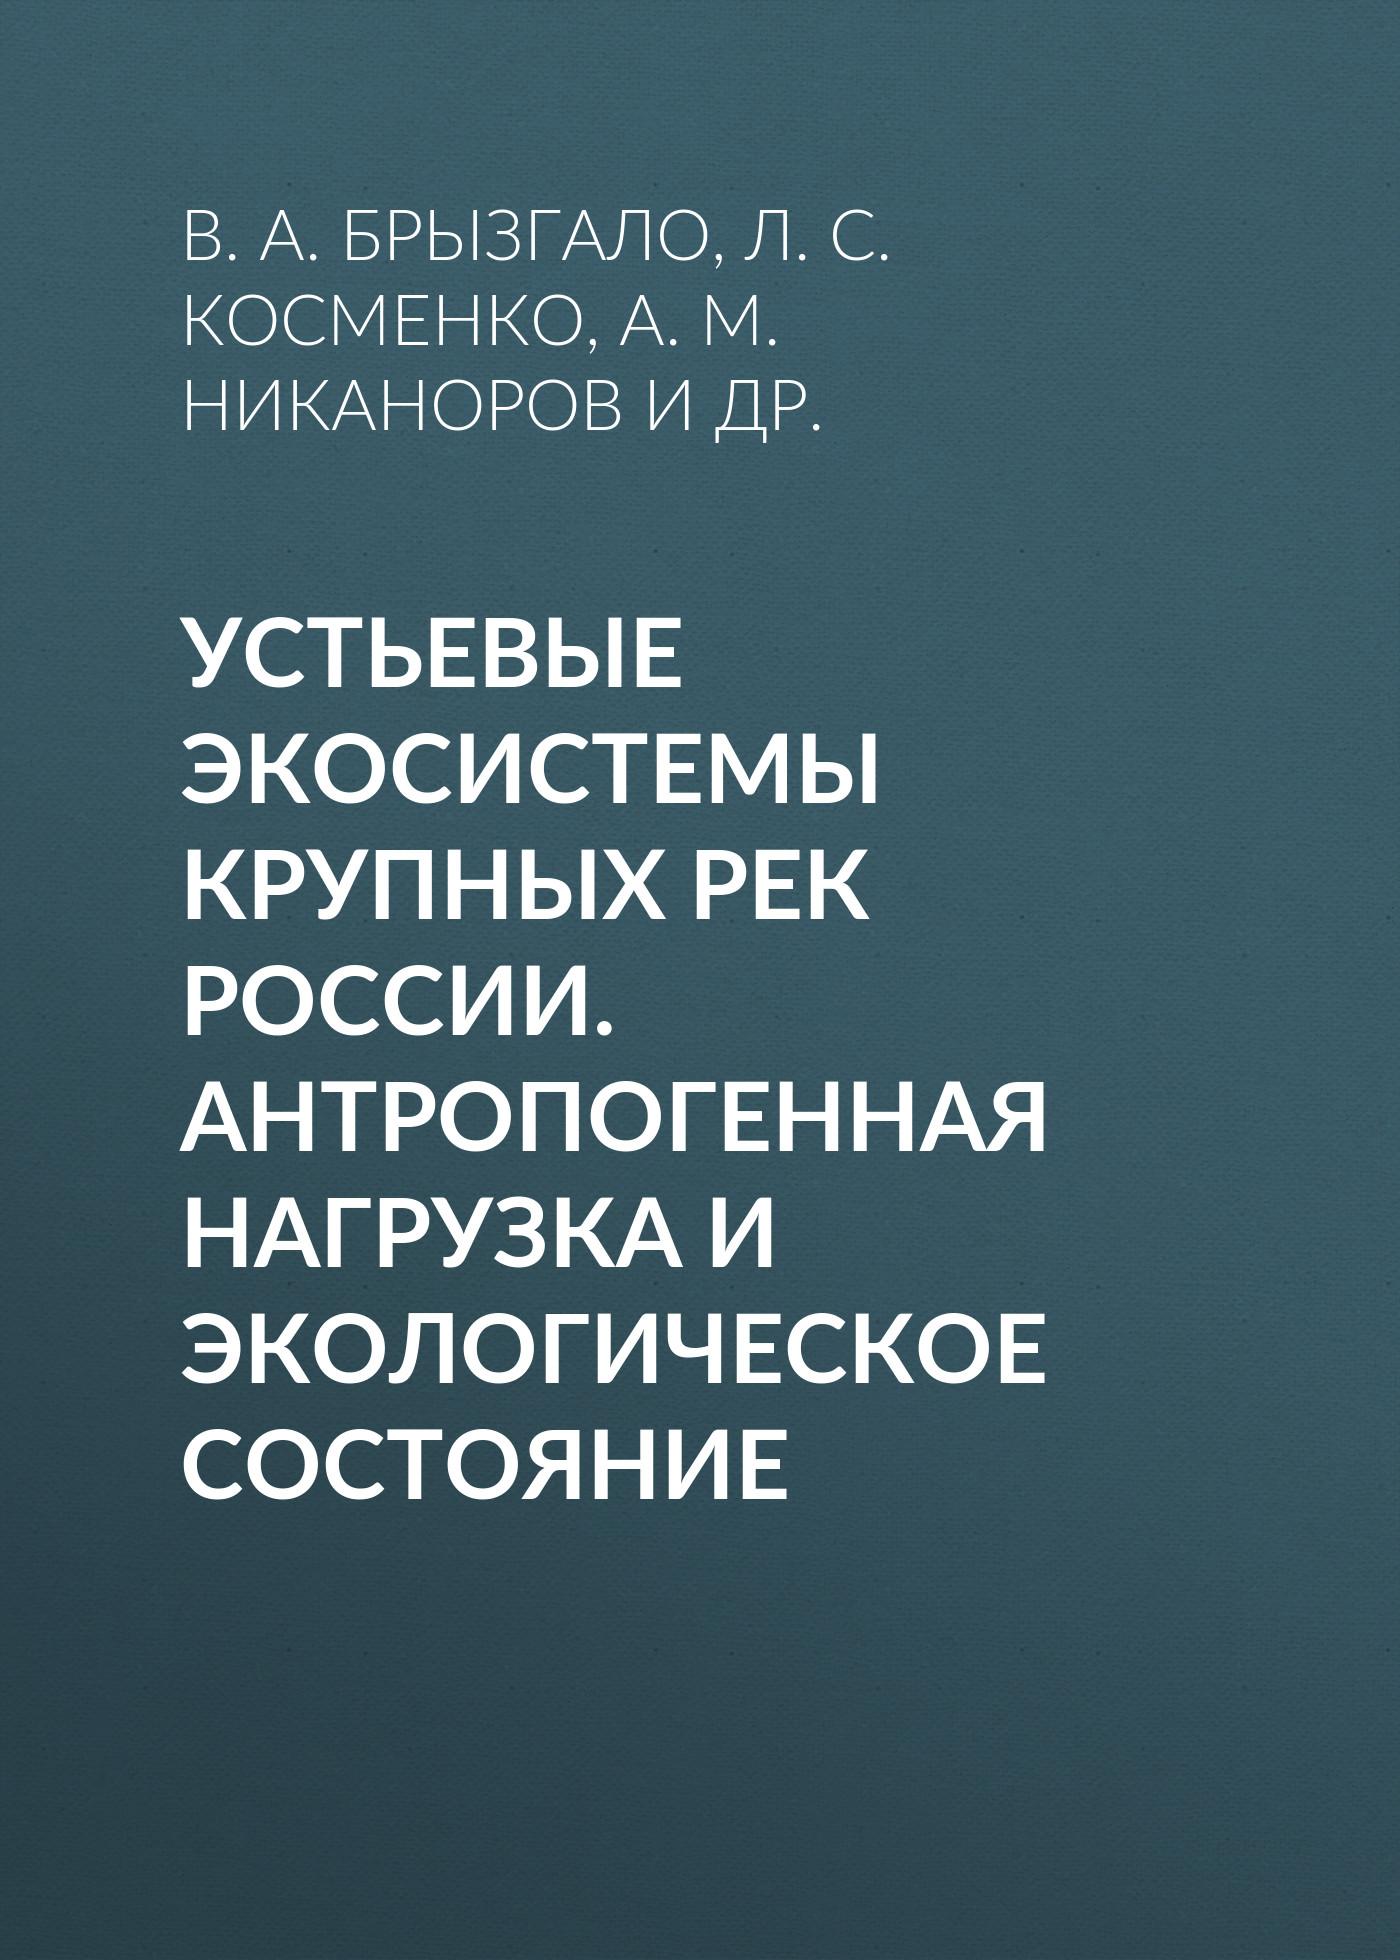 Устьевые экосистемы крупных рек России. Антропогенная нагрузка и экологическое состояние